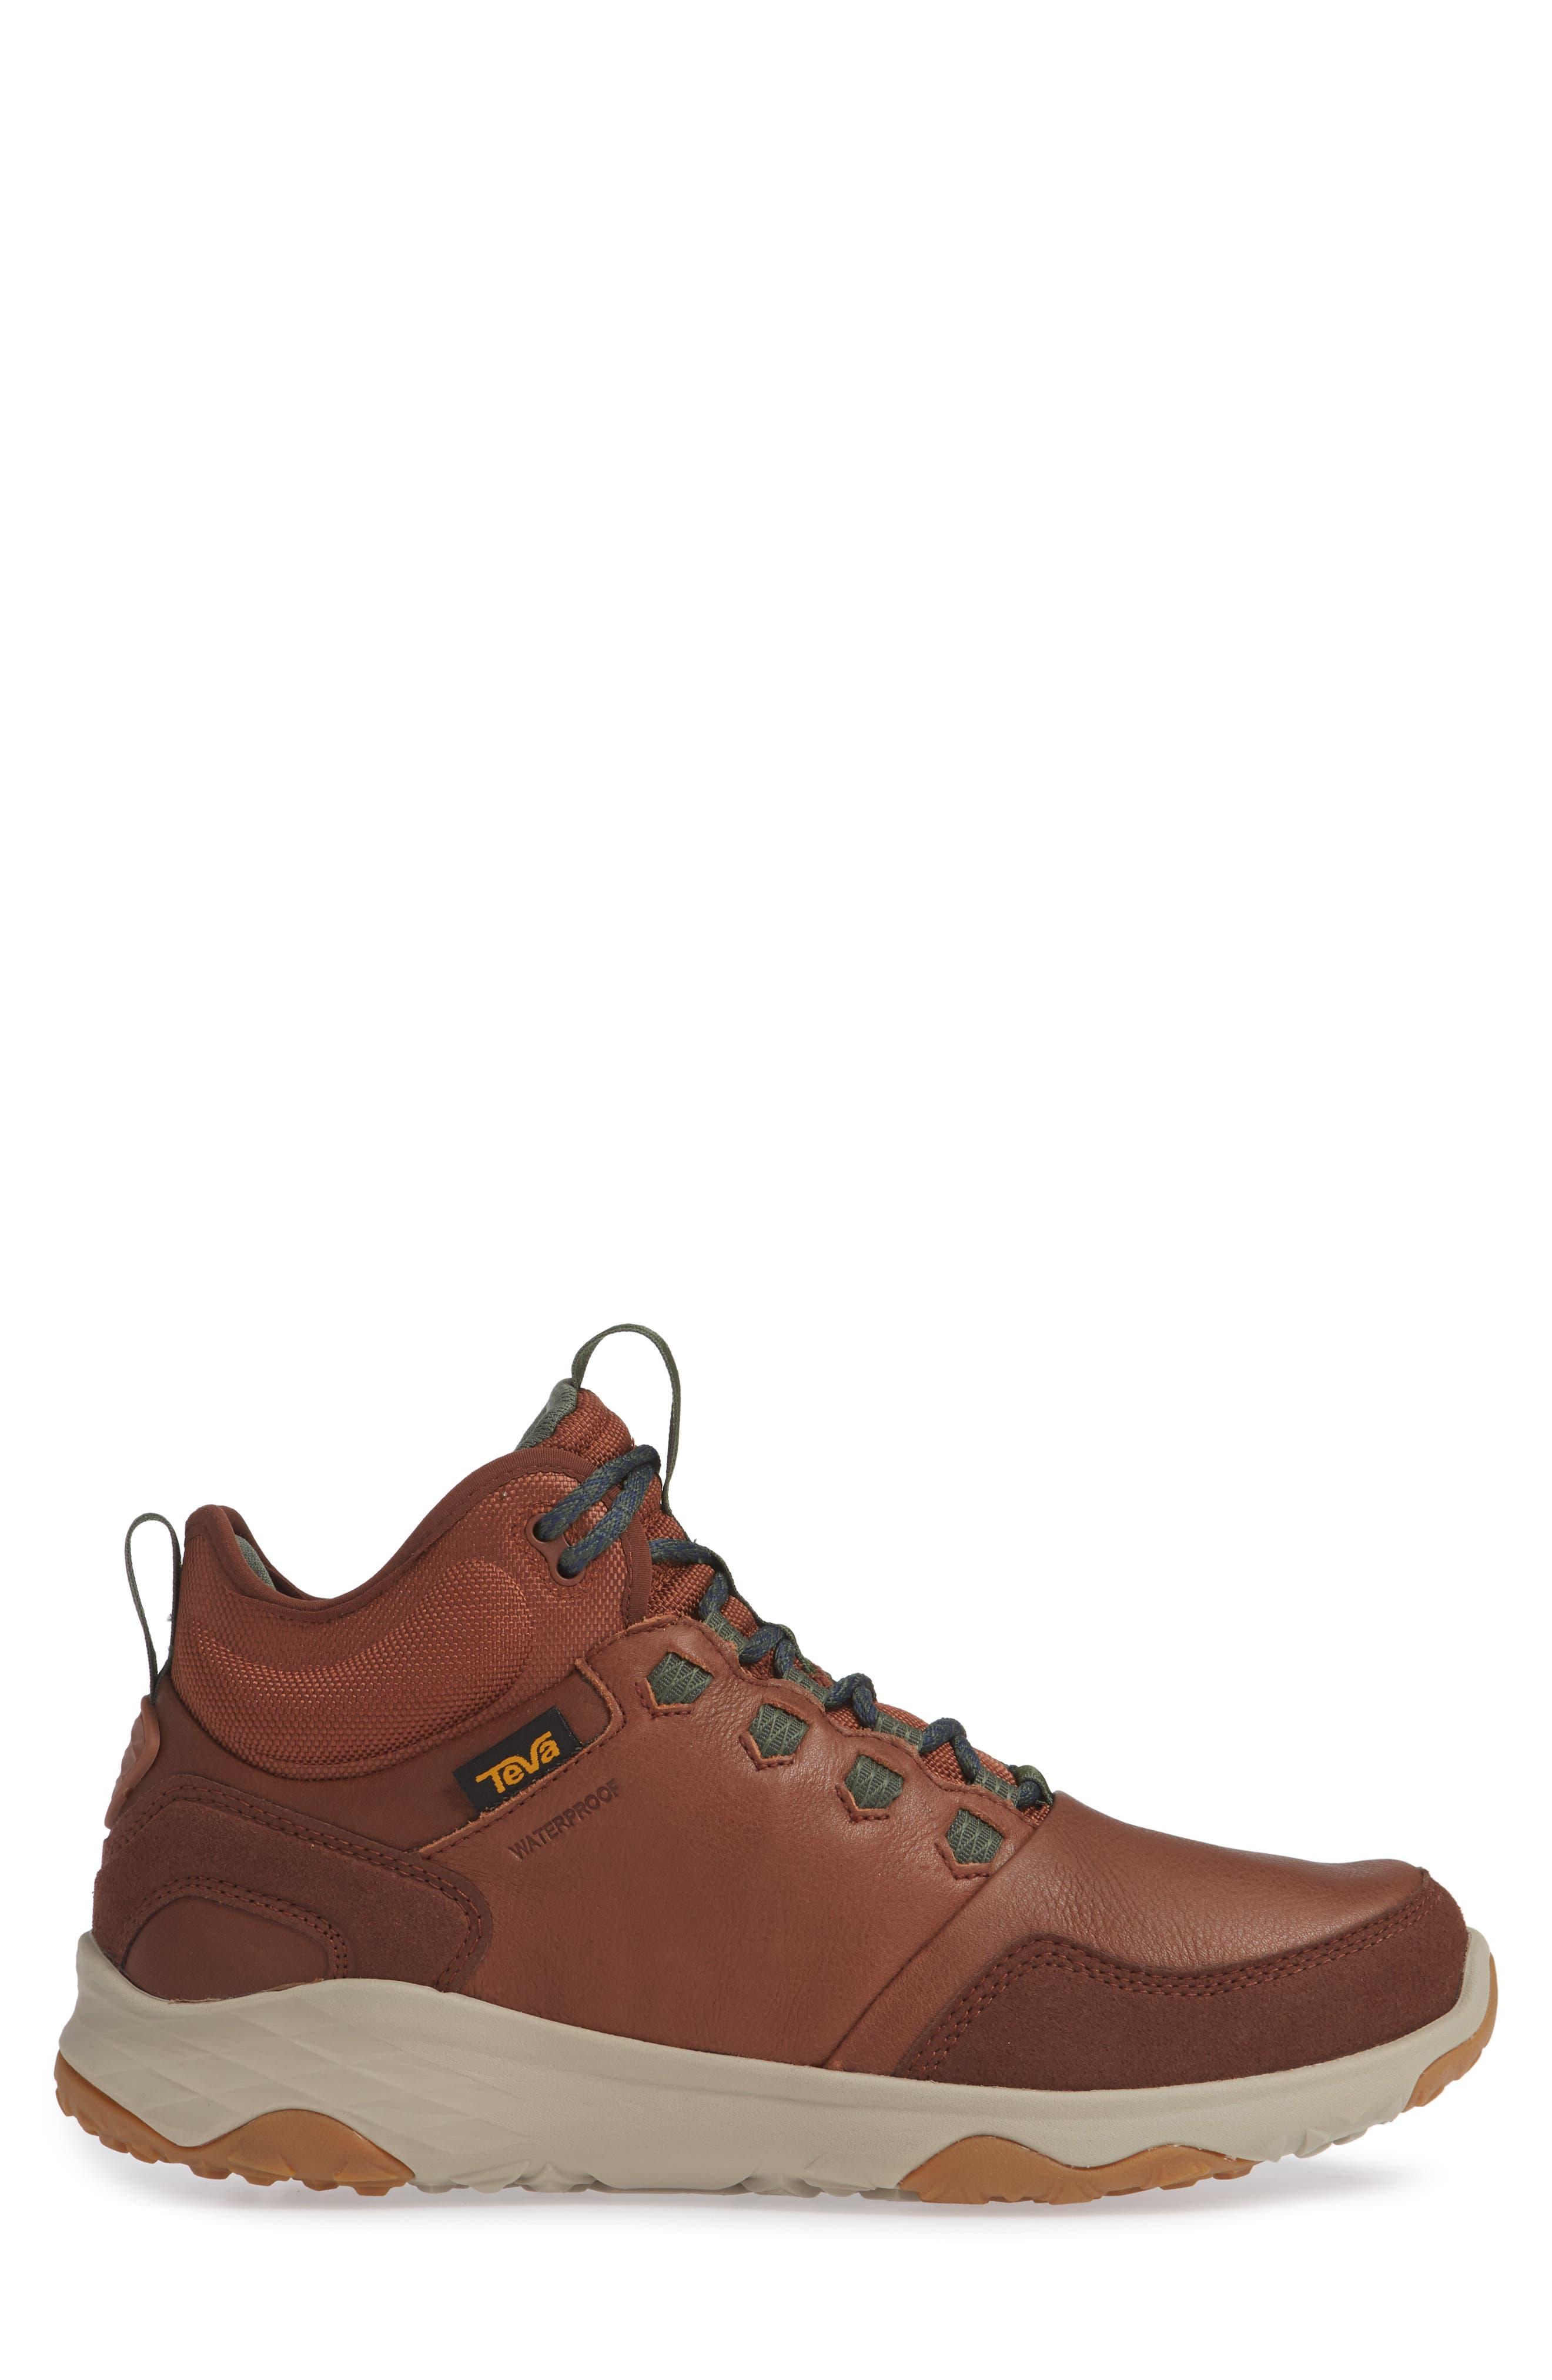 Arrowood 2 Mid Waterproof Sneaker Boot,                             Alternate thumbnail 3, color,                             242